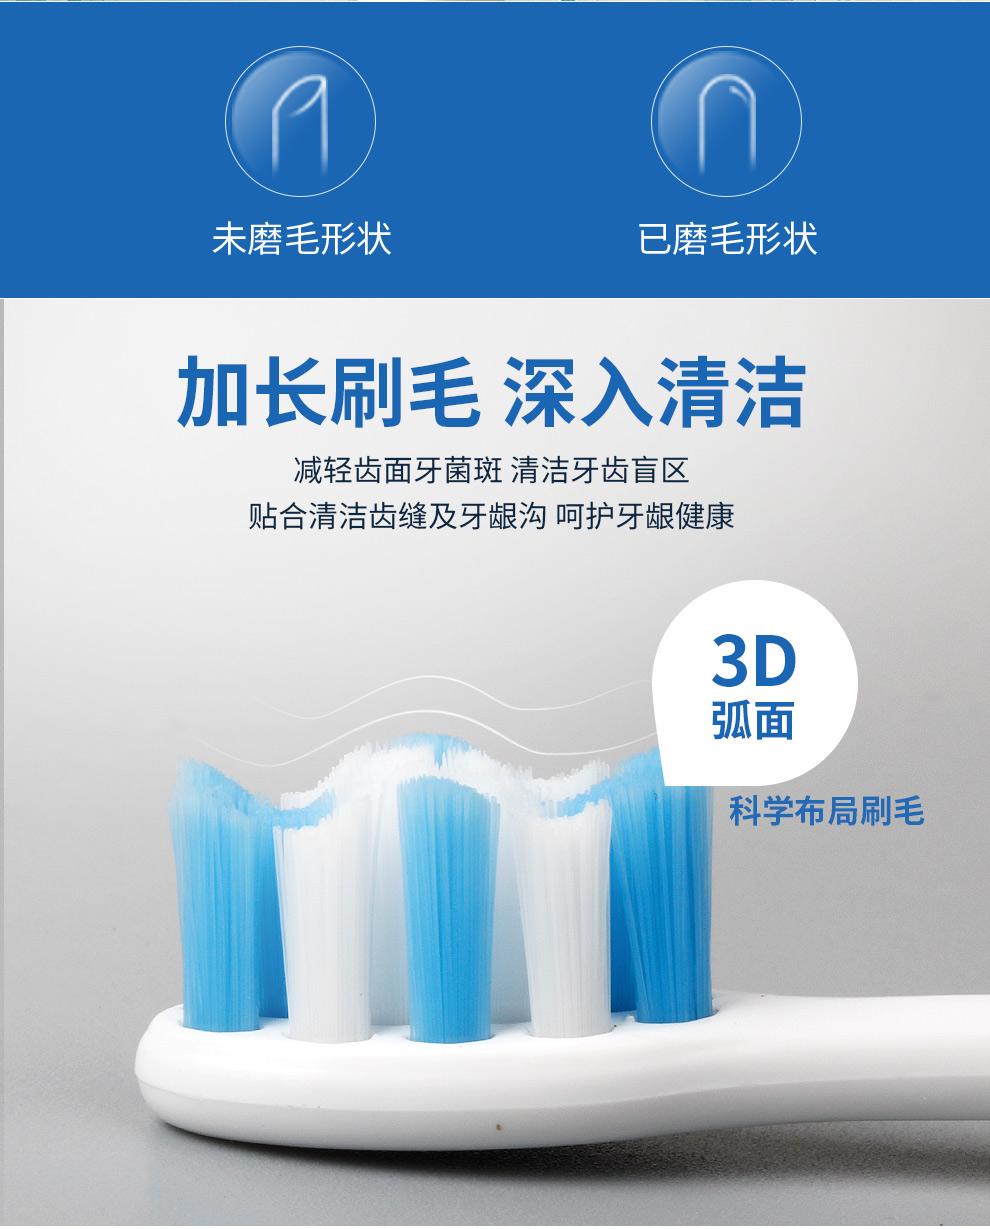 麦喆活力型声波电动牙刷MZ-201805(图11)